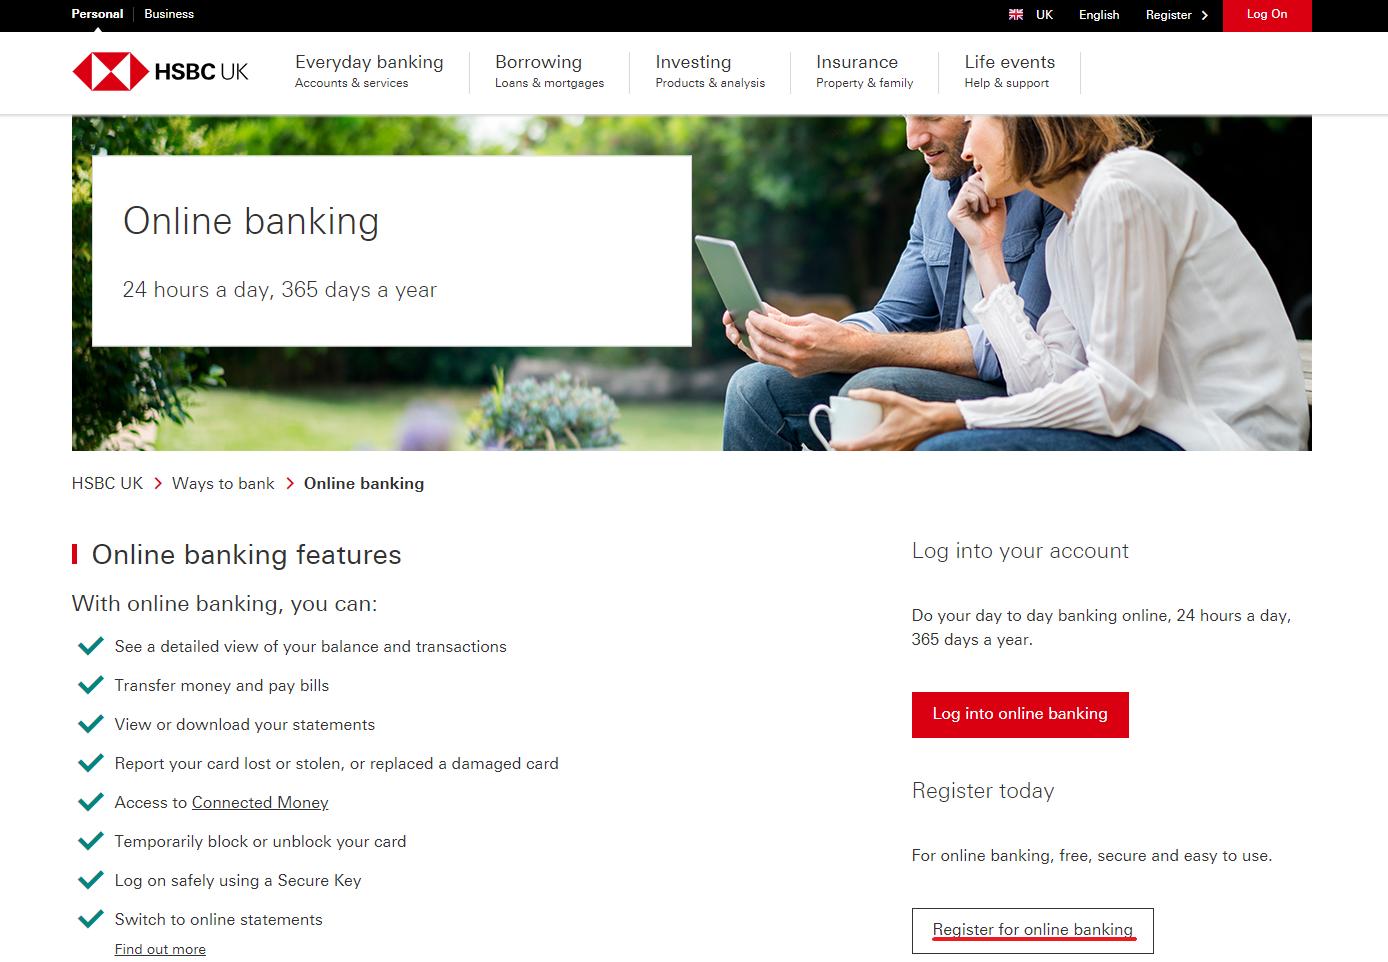 Cancel Your HSBC Direct Debit 2019 – 0844 826 8030 | FastCancel co uk